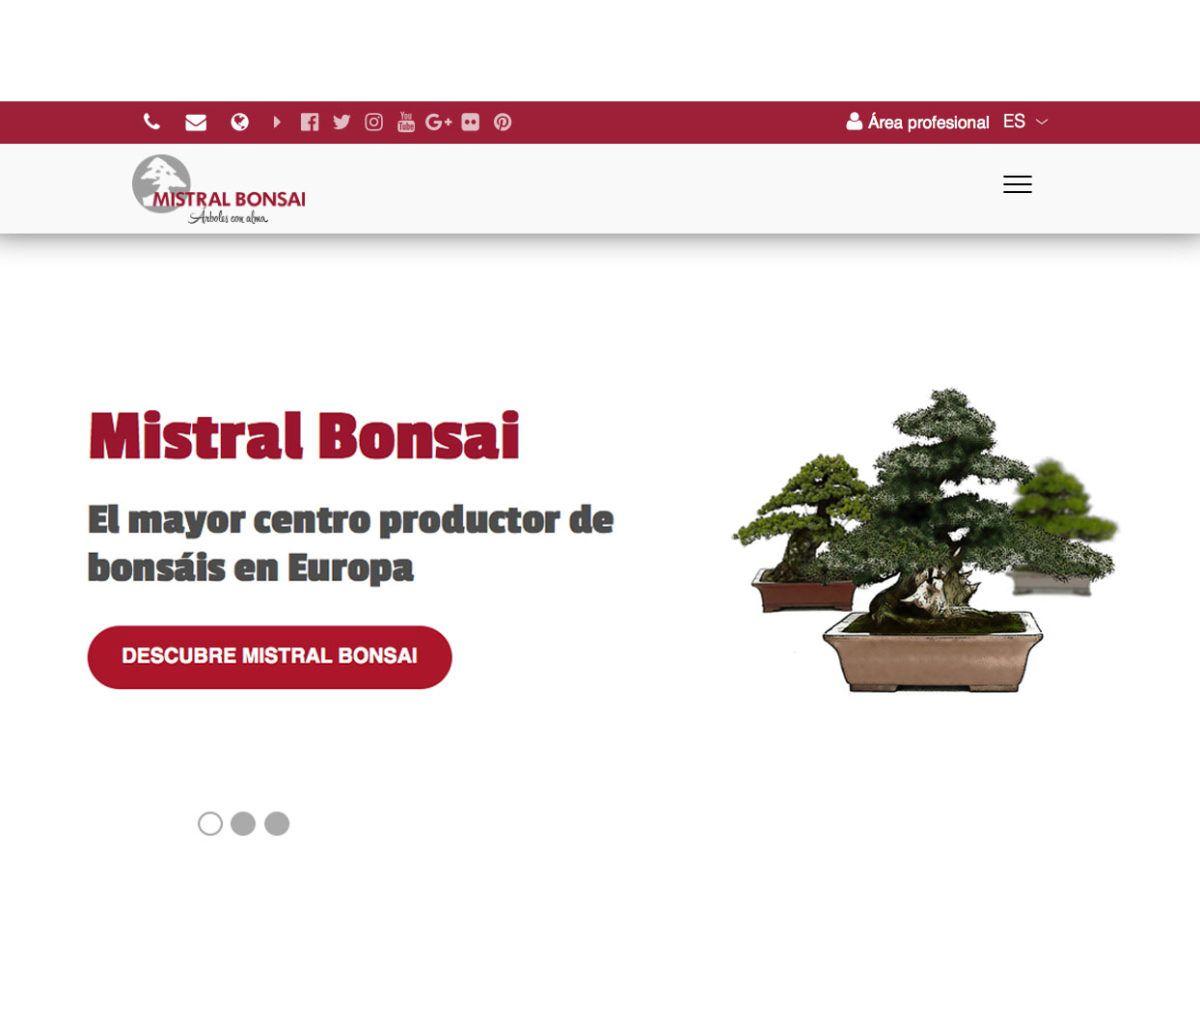 Mistral Bonsai lanza su nueva web responsive